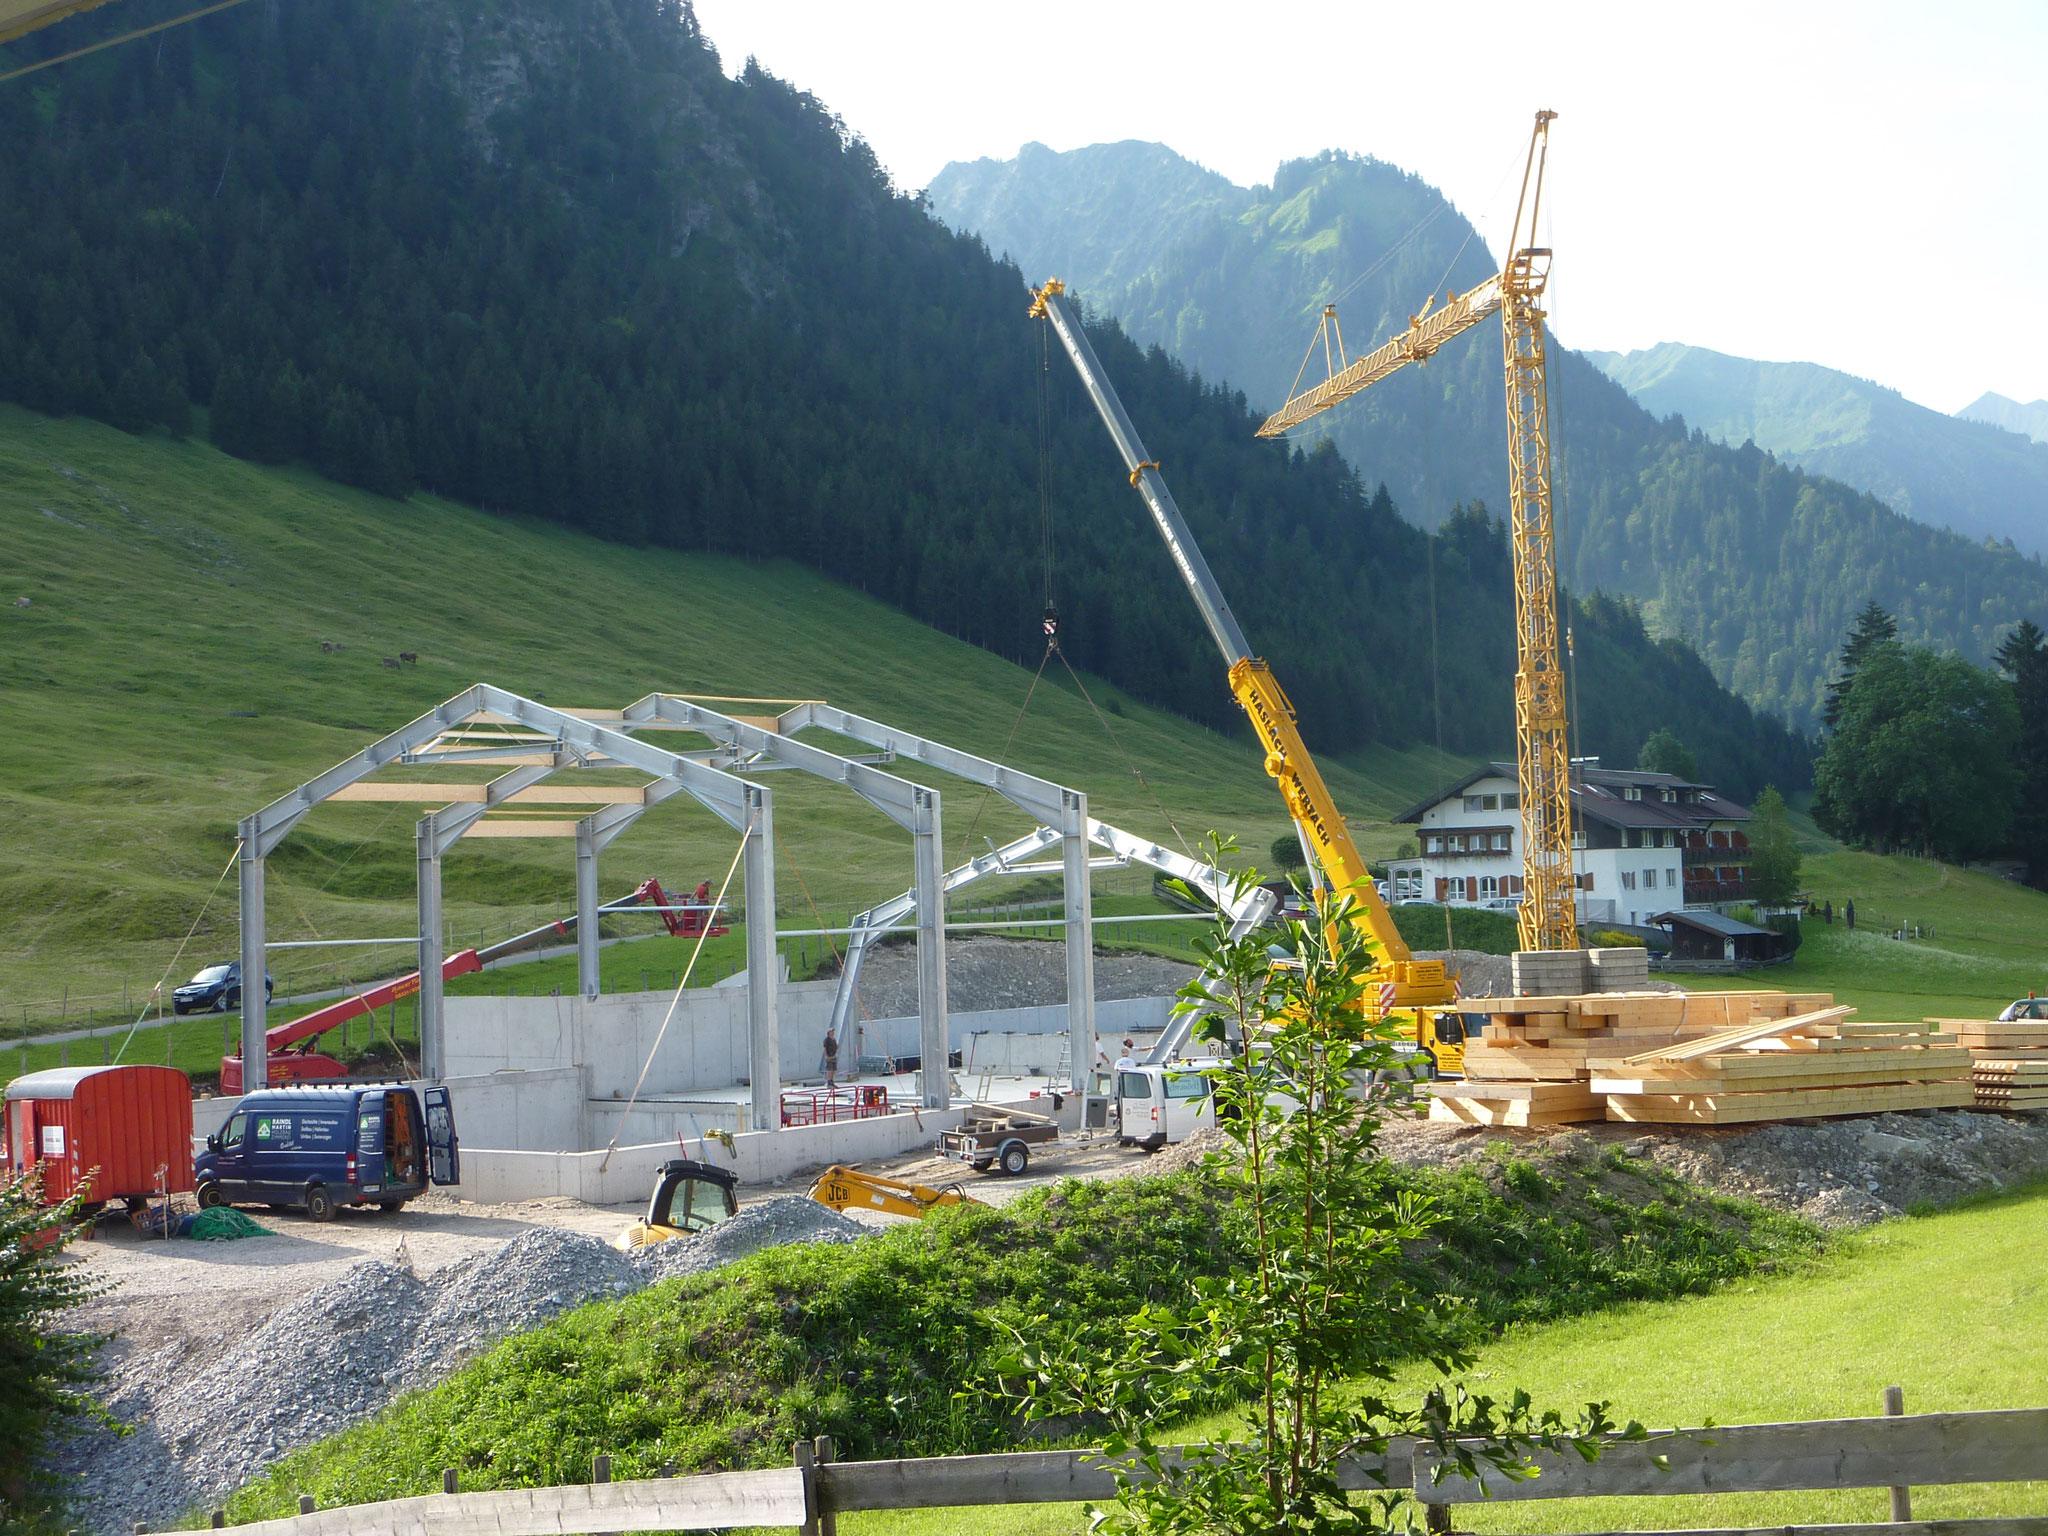 3. Hallenträger wird von 40-t-LKW-Kran aufgestellt